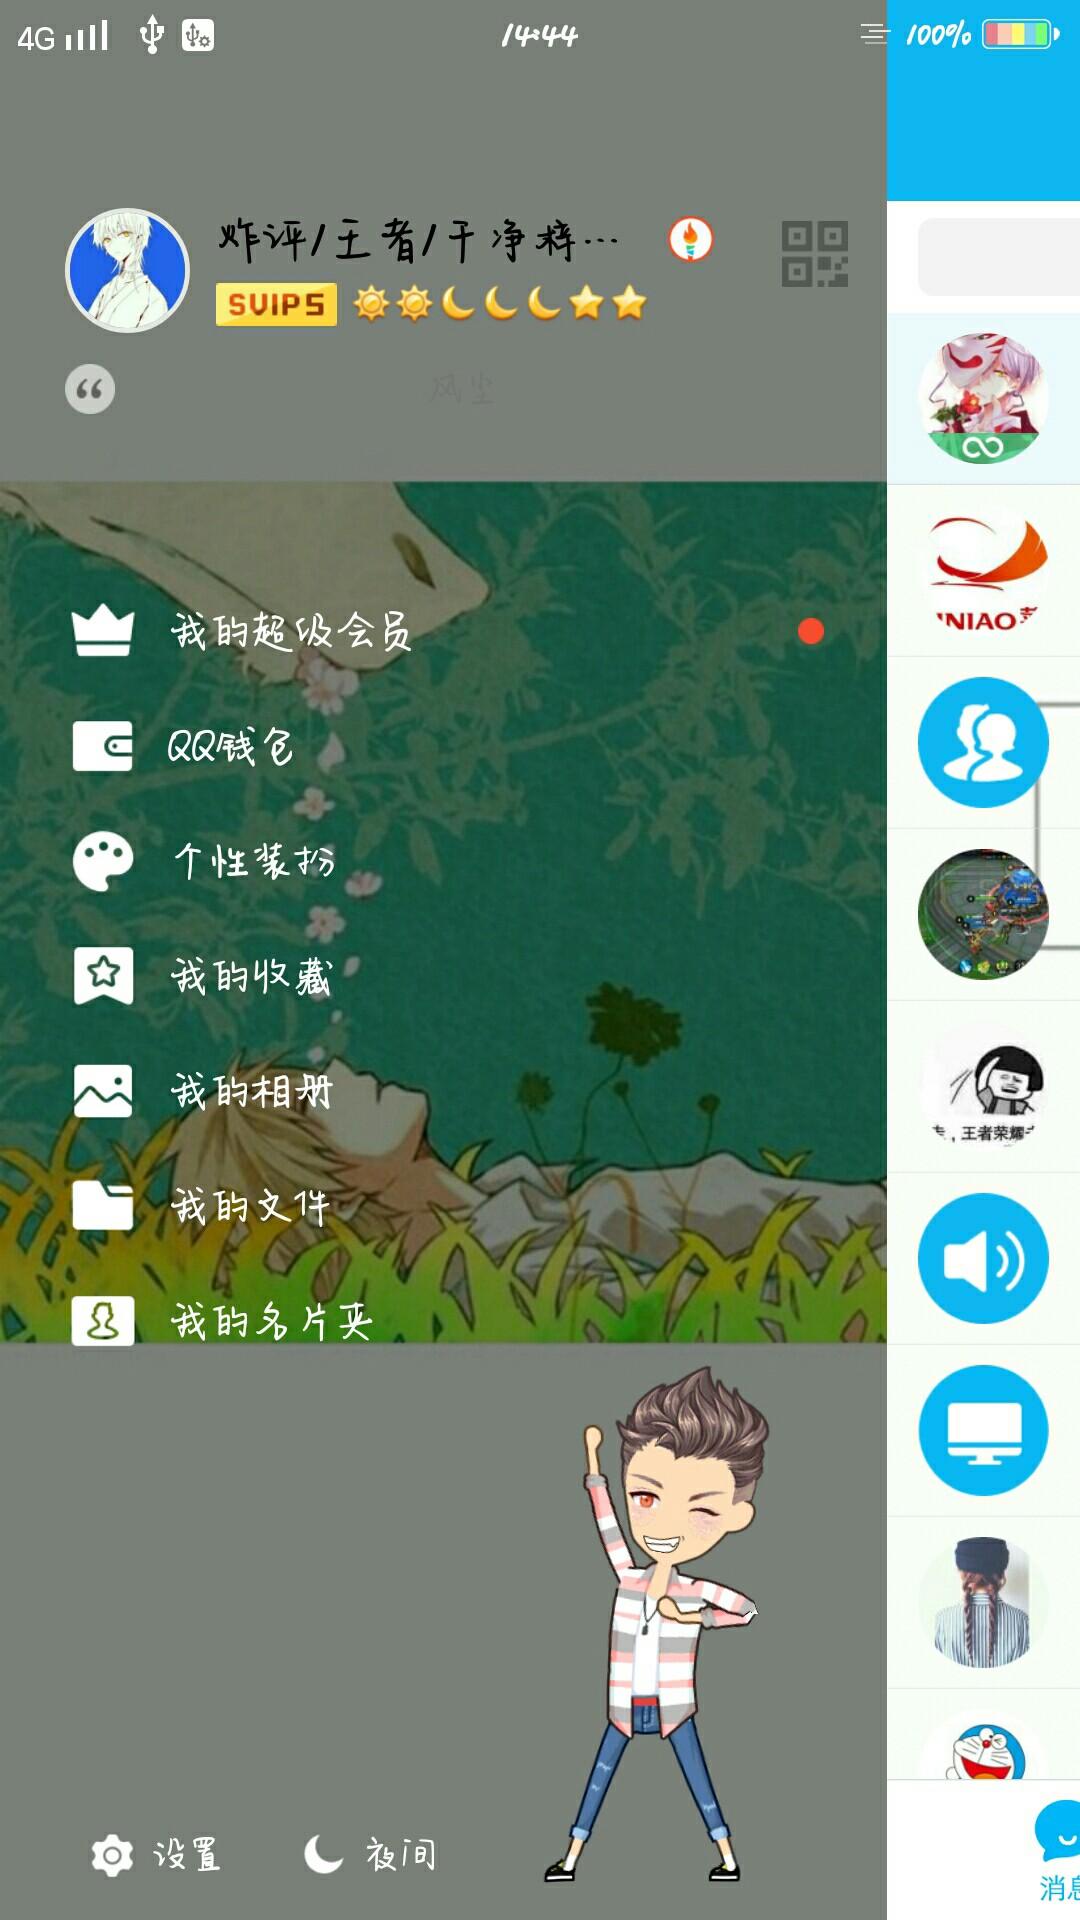 【x7】 彩虹电池,透明状态栏,清新小图标.